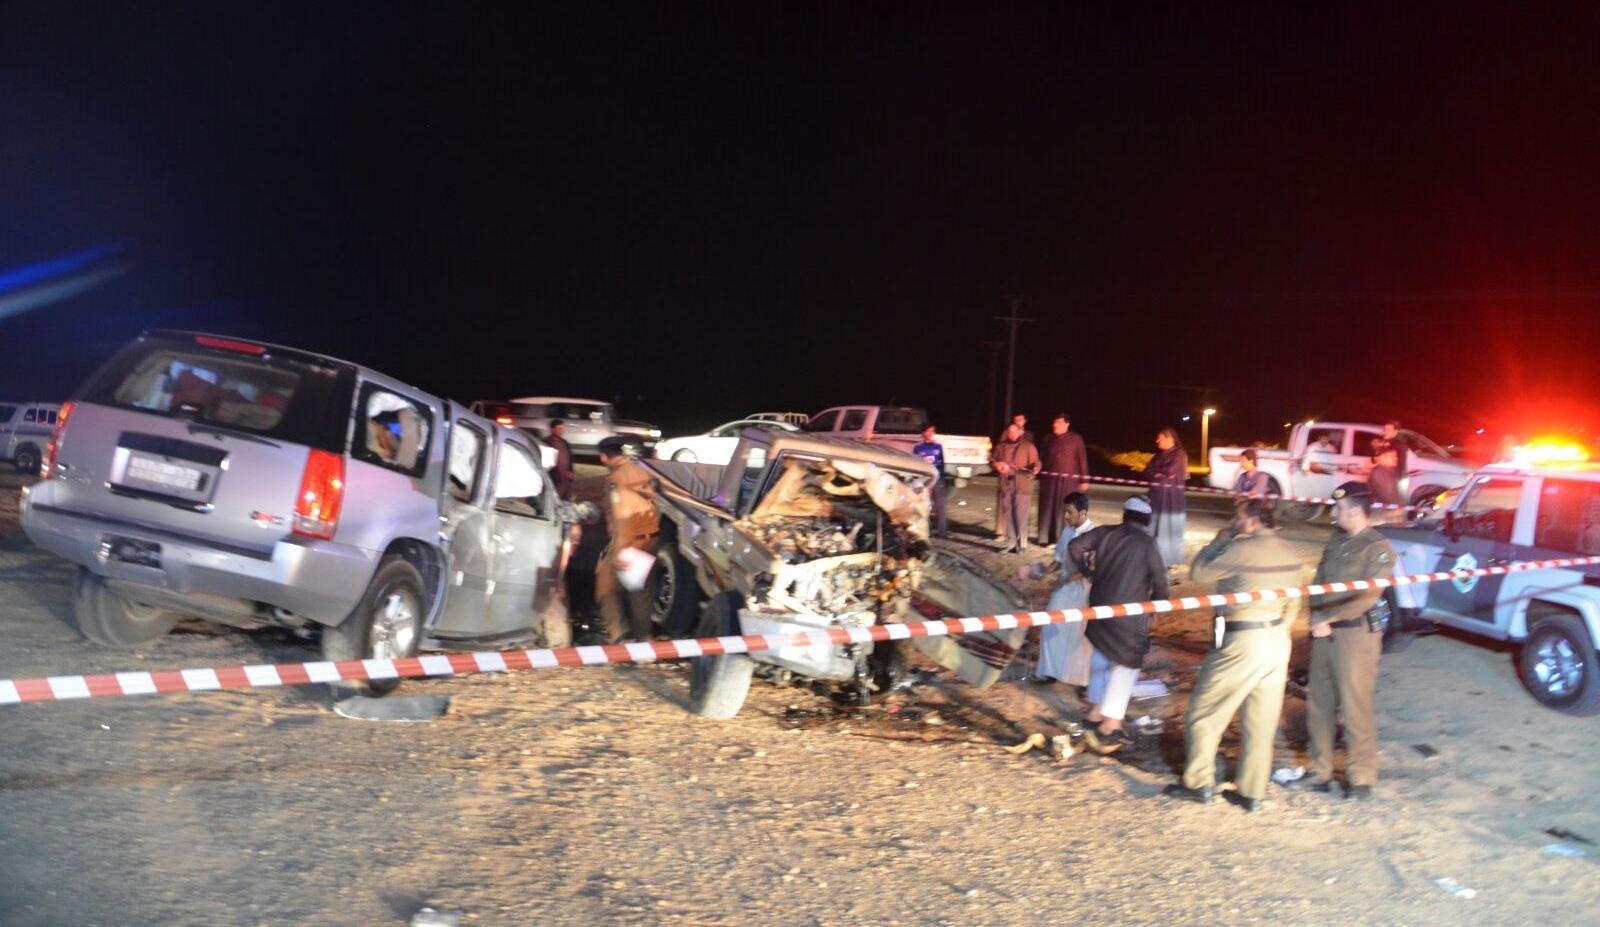 حادث تصادم بالجوف (3)